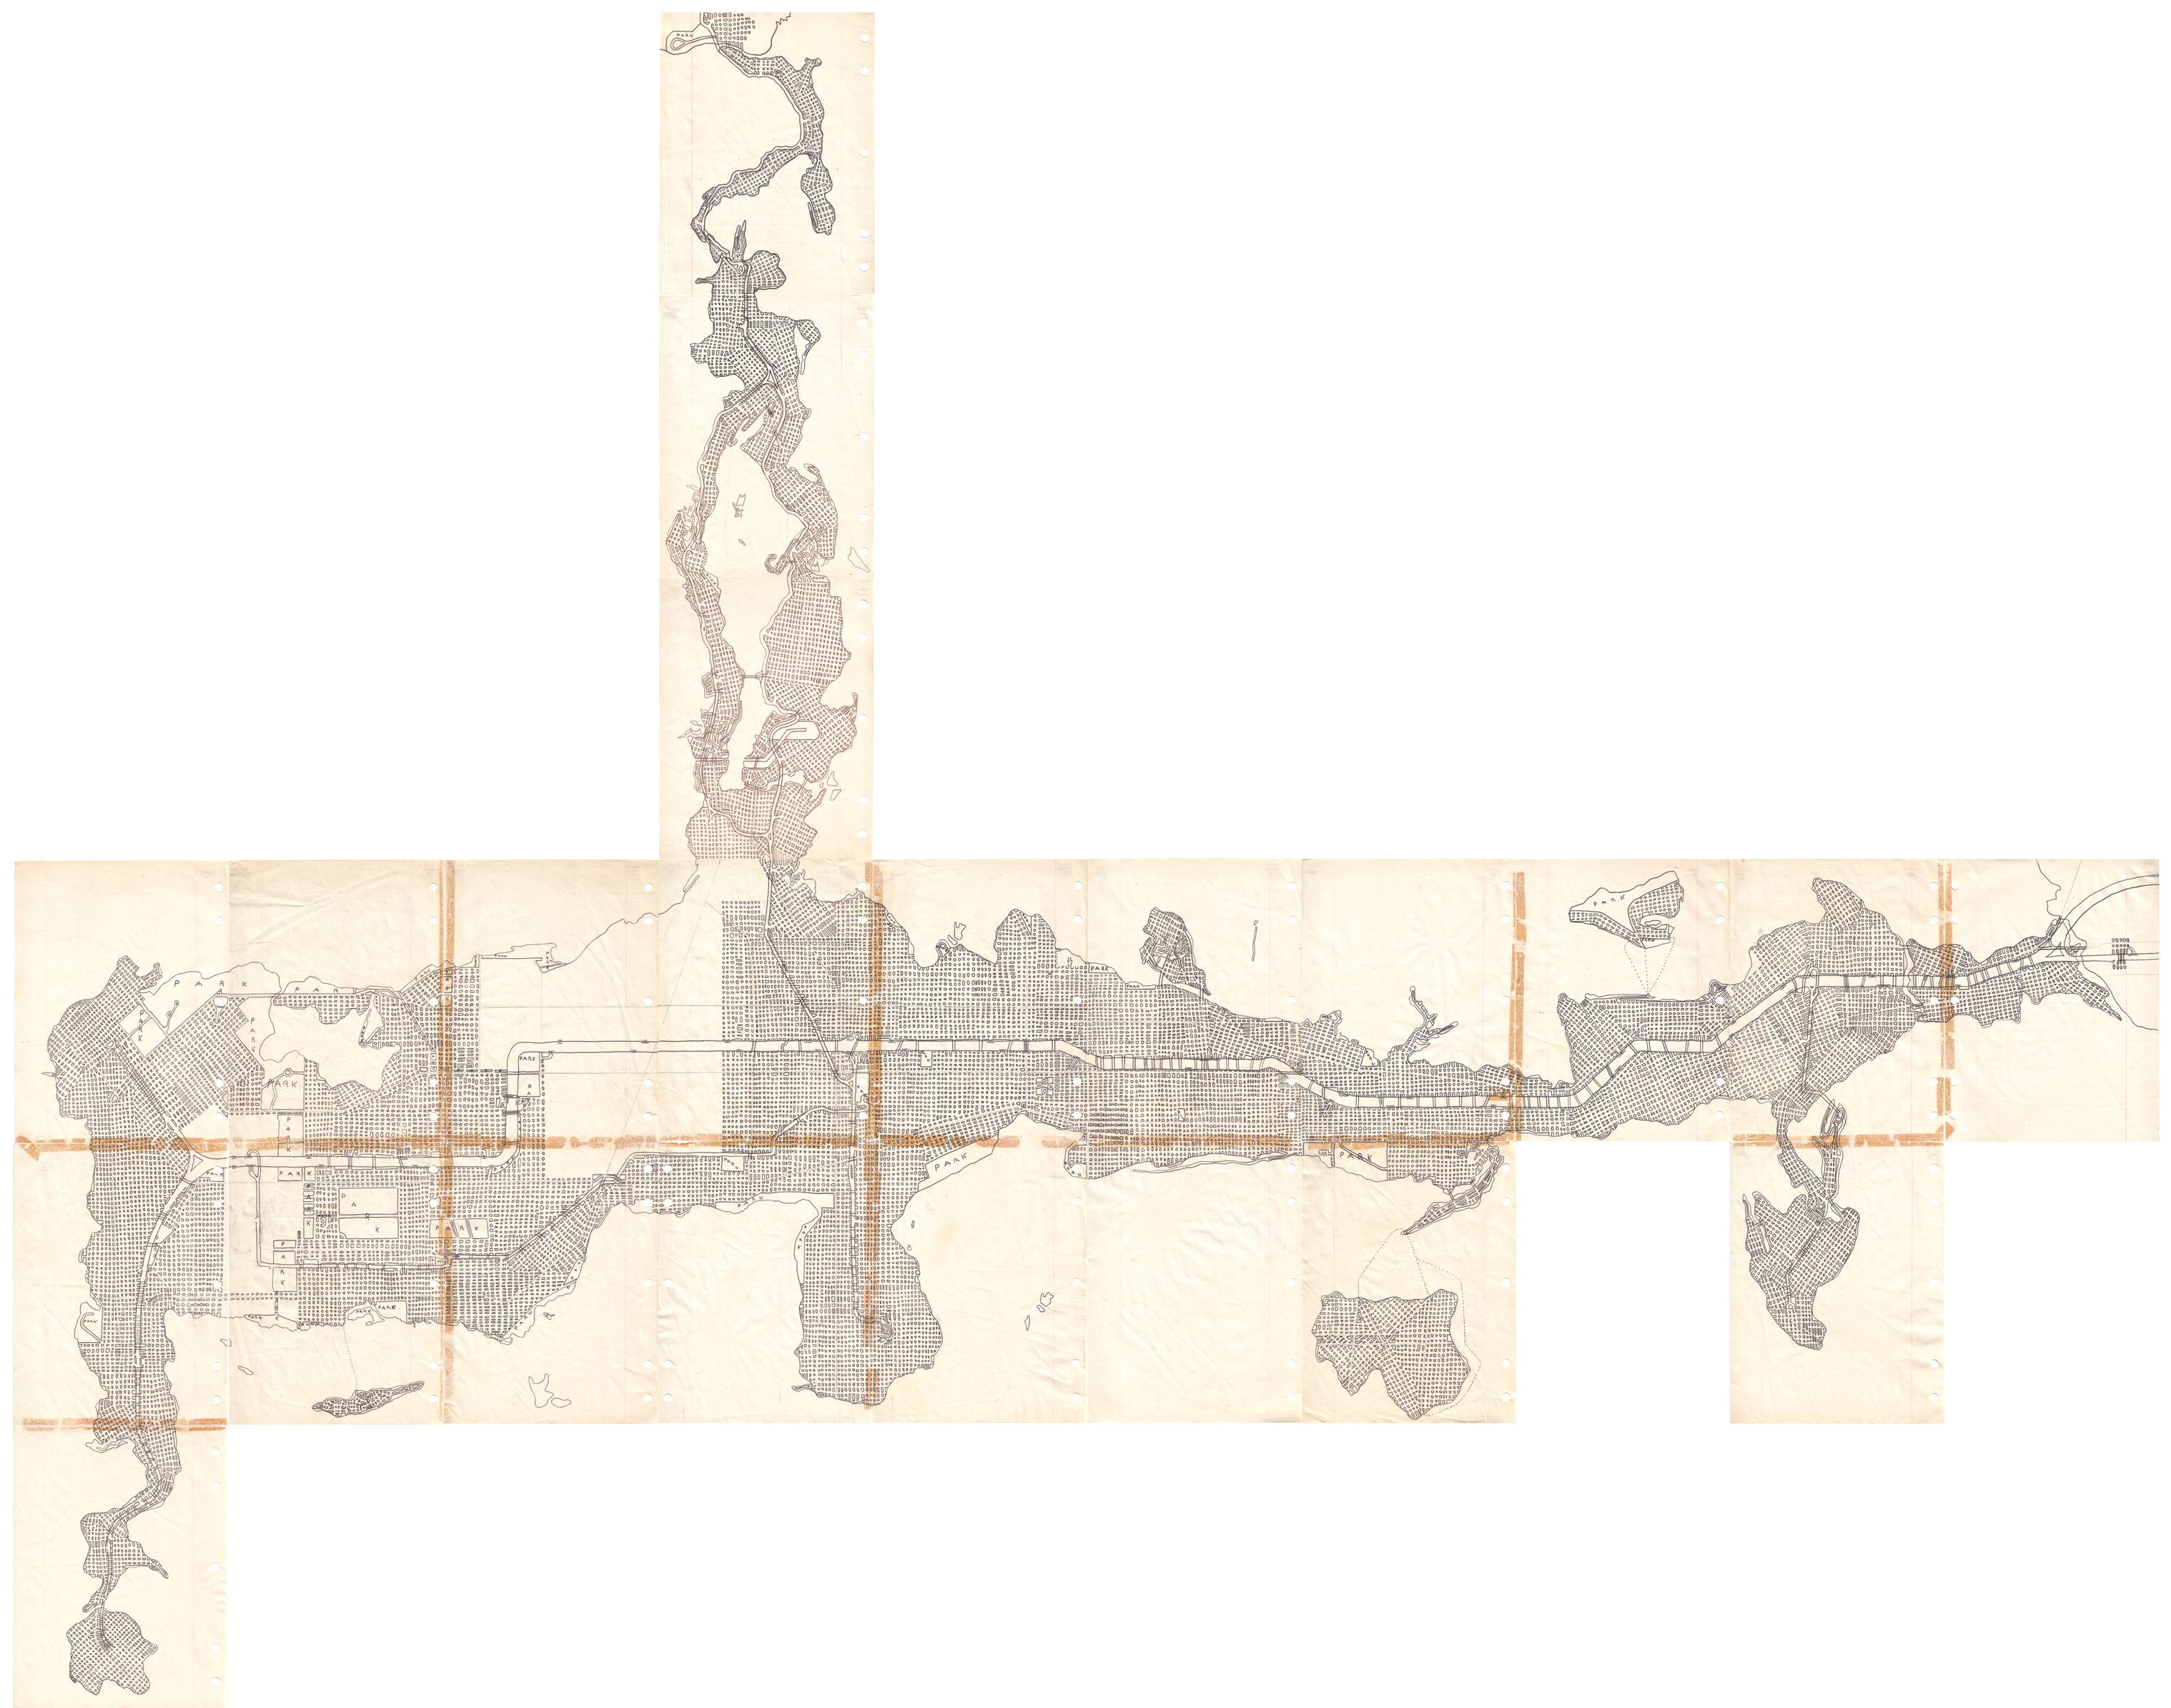 Highway focused map